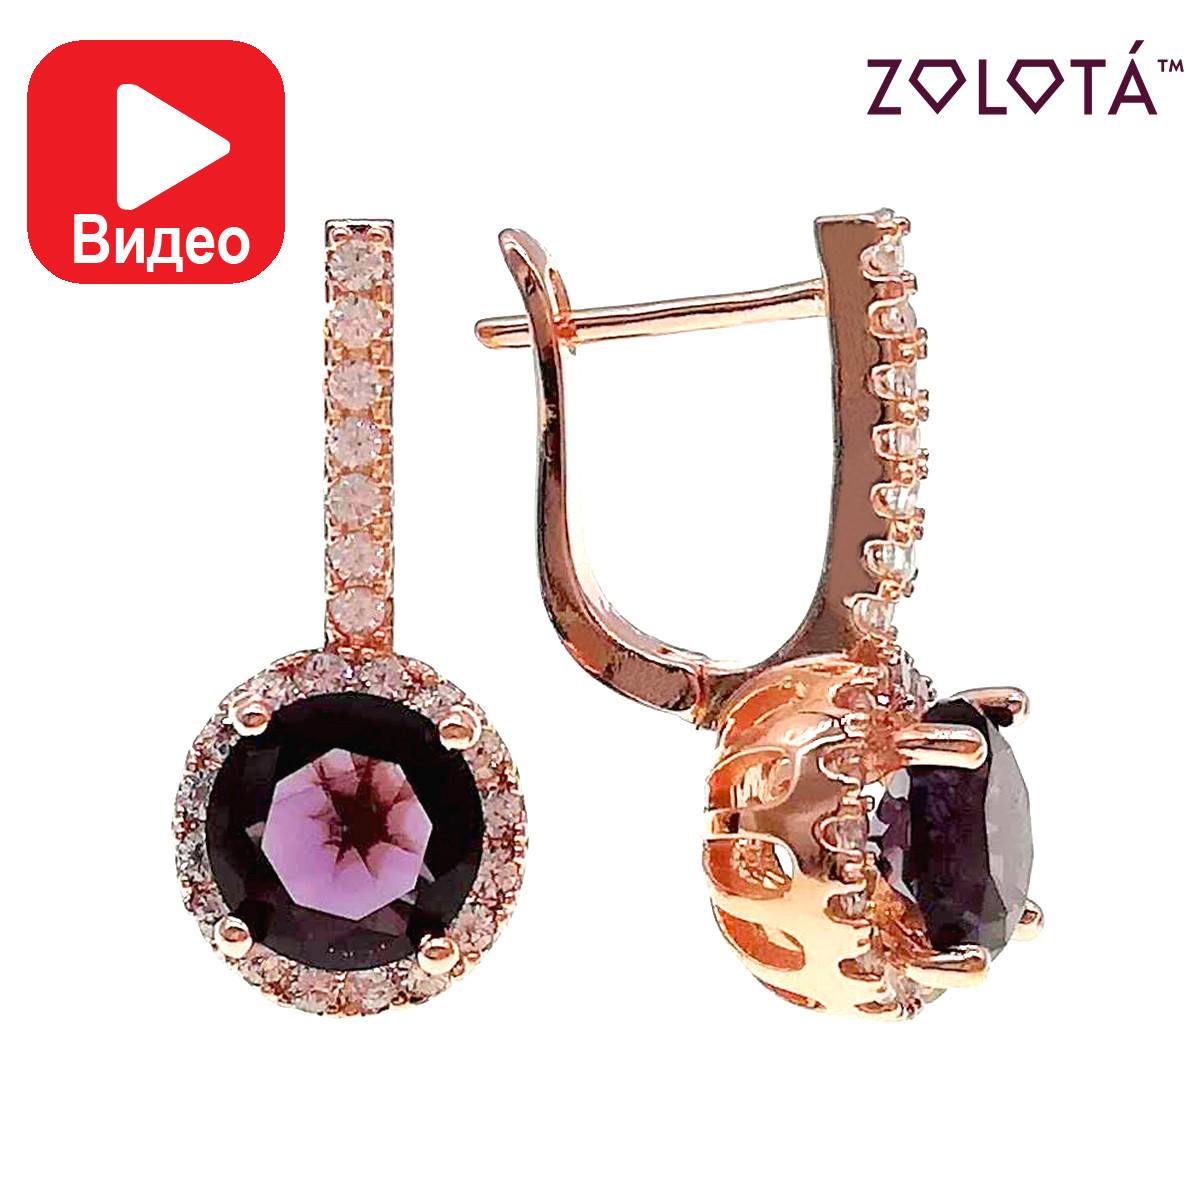 Серьги Zolota, размер 23х10 мм, фиолетовые и белые фианиты (куб. цирконий), вес 4 г, позолота PO, ЗЛ00916 (1)